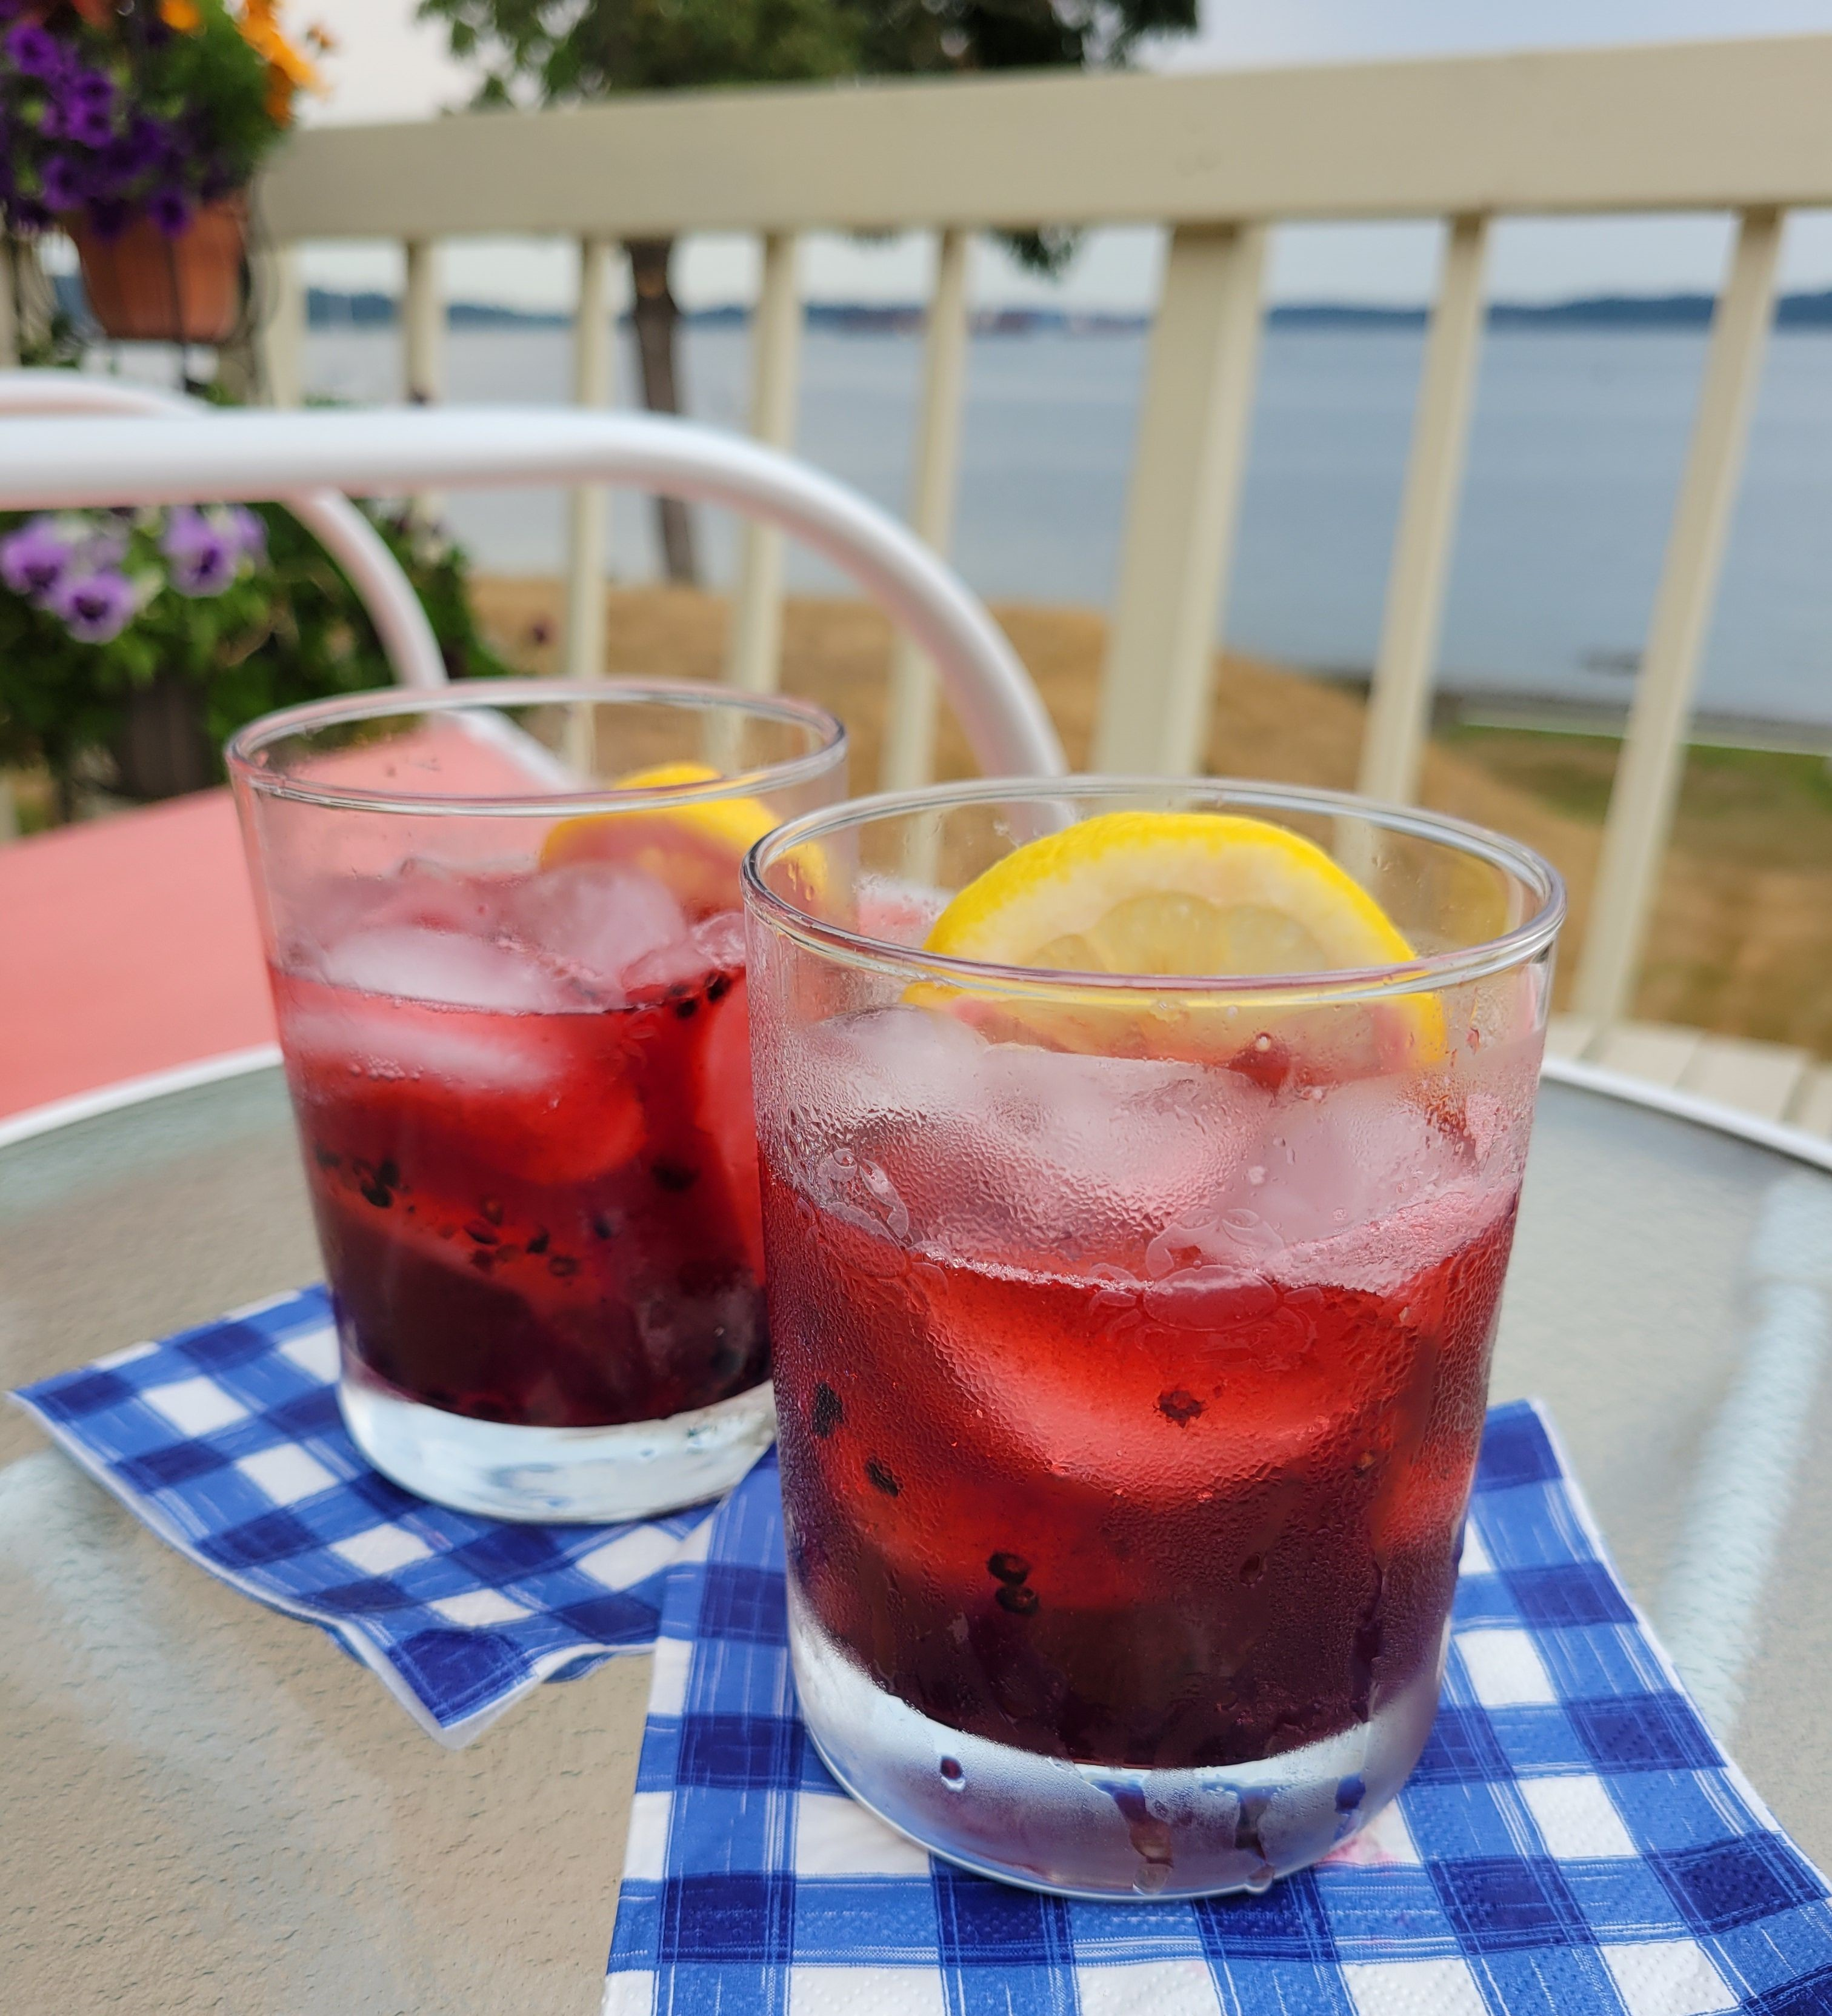 Blackberry Lemon Smash Summer Cocktail!